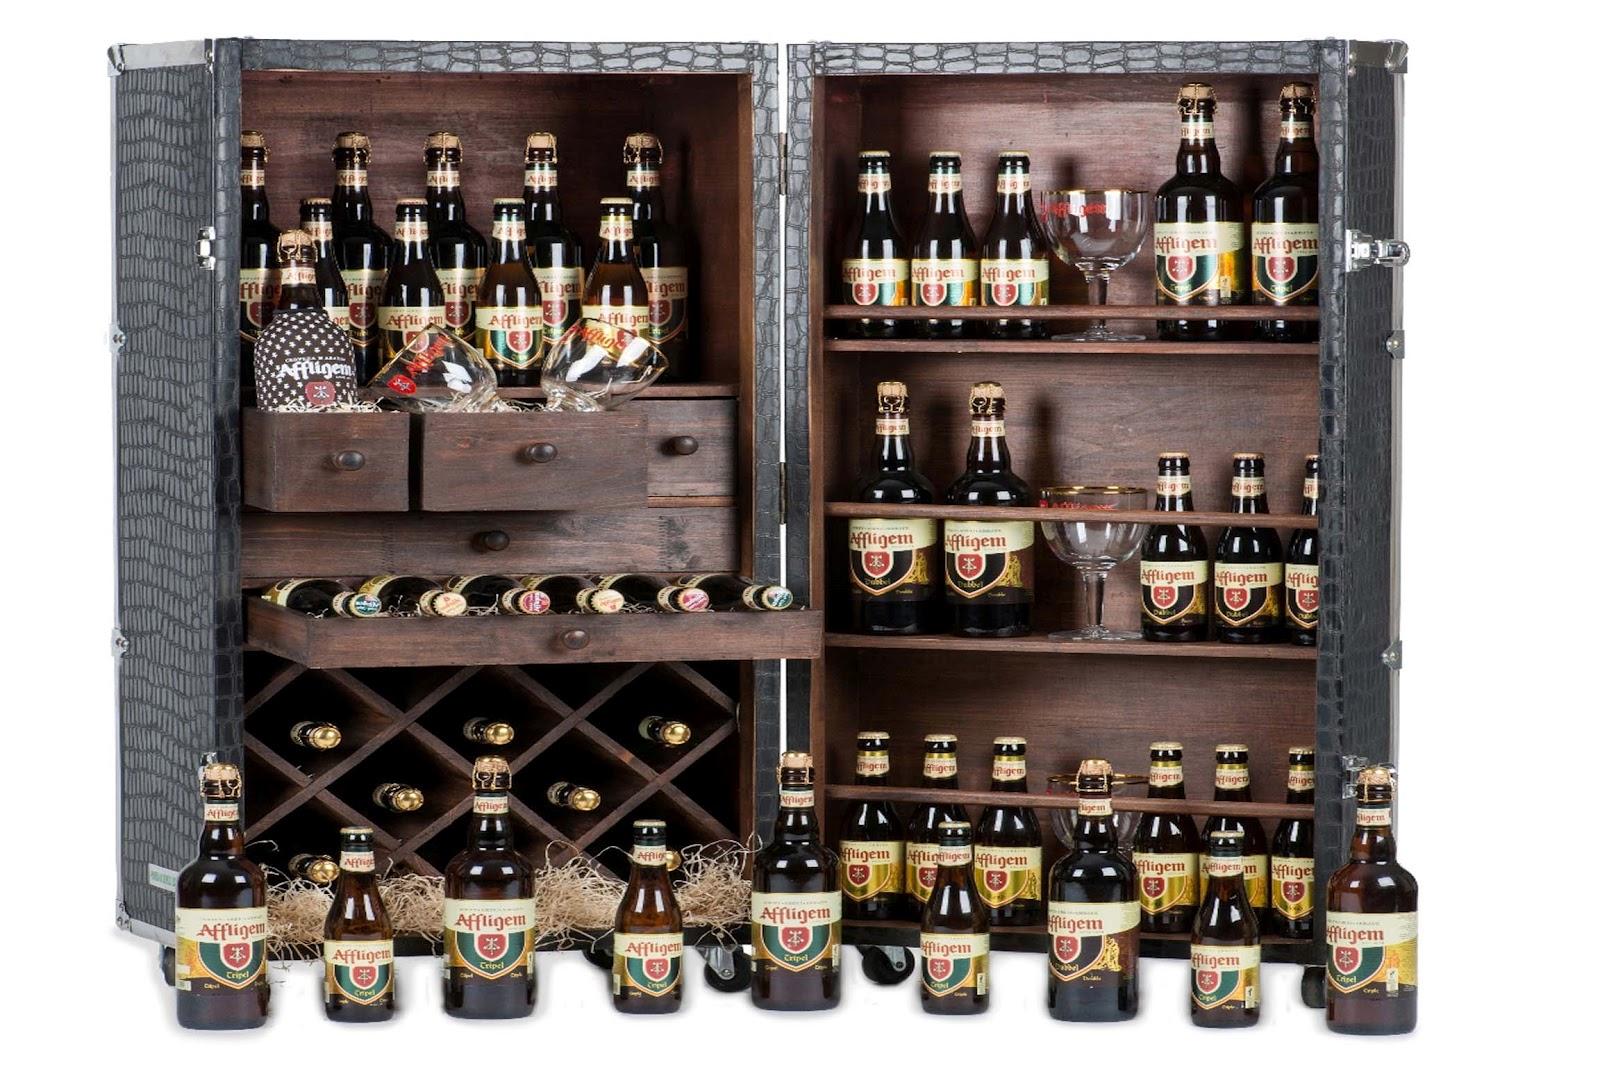 Muebles Sillas, Sillones y Sofás Cama Sillas bar  - imagenes de muebles para bar